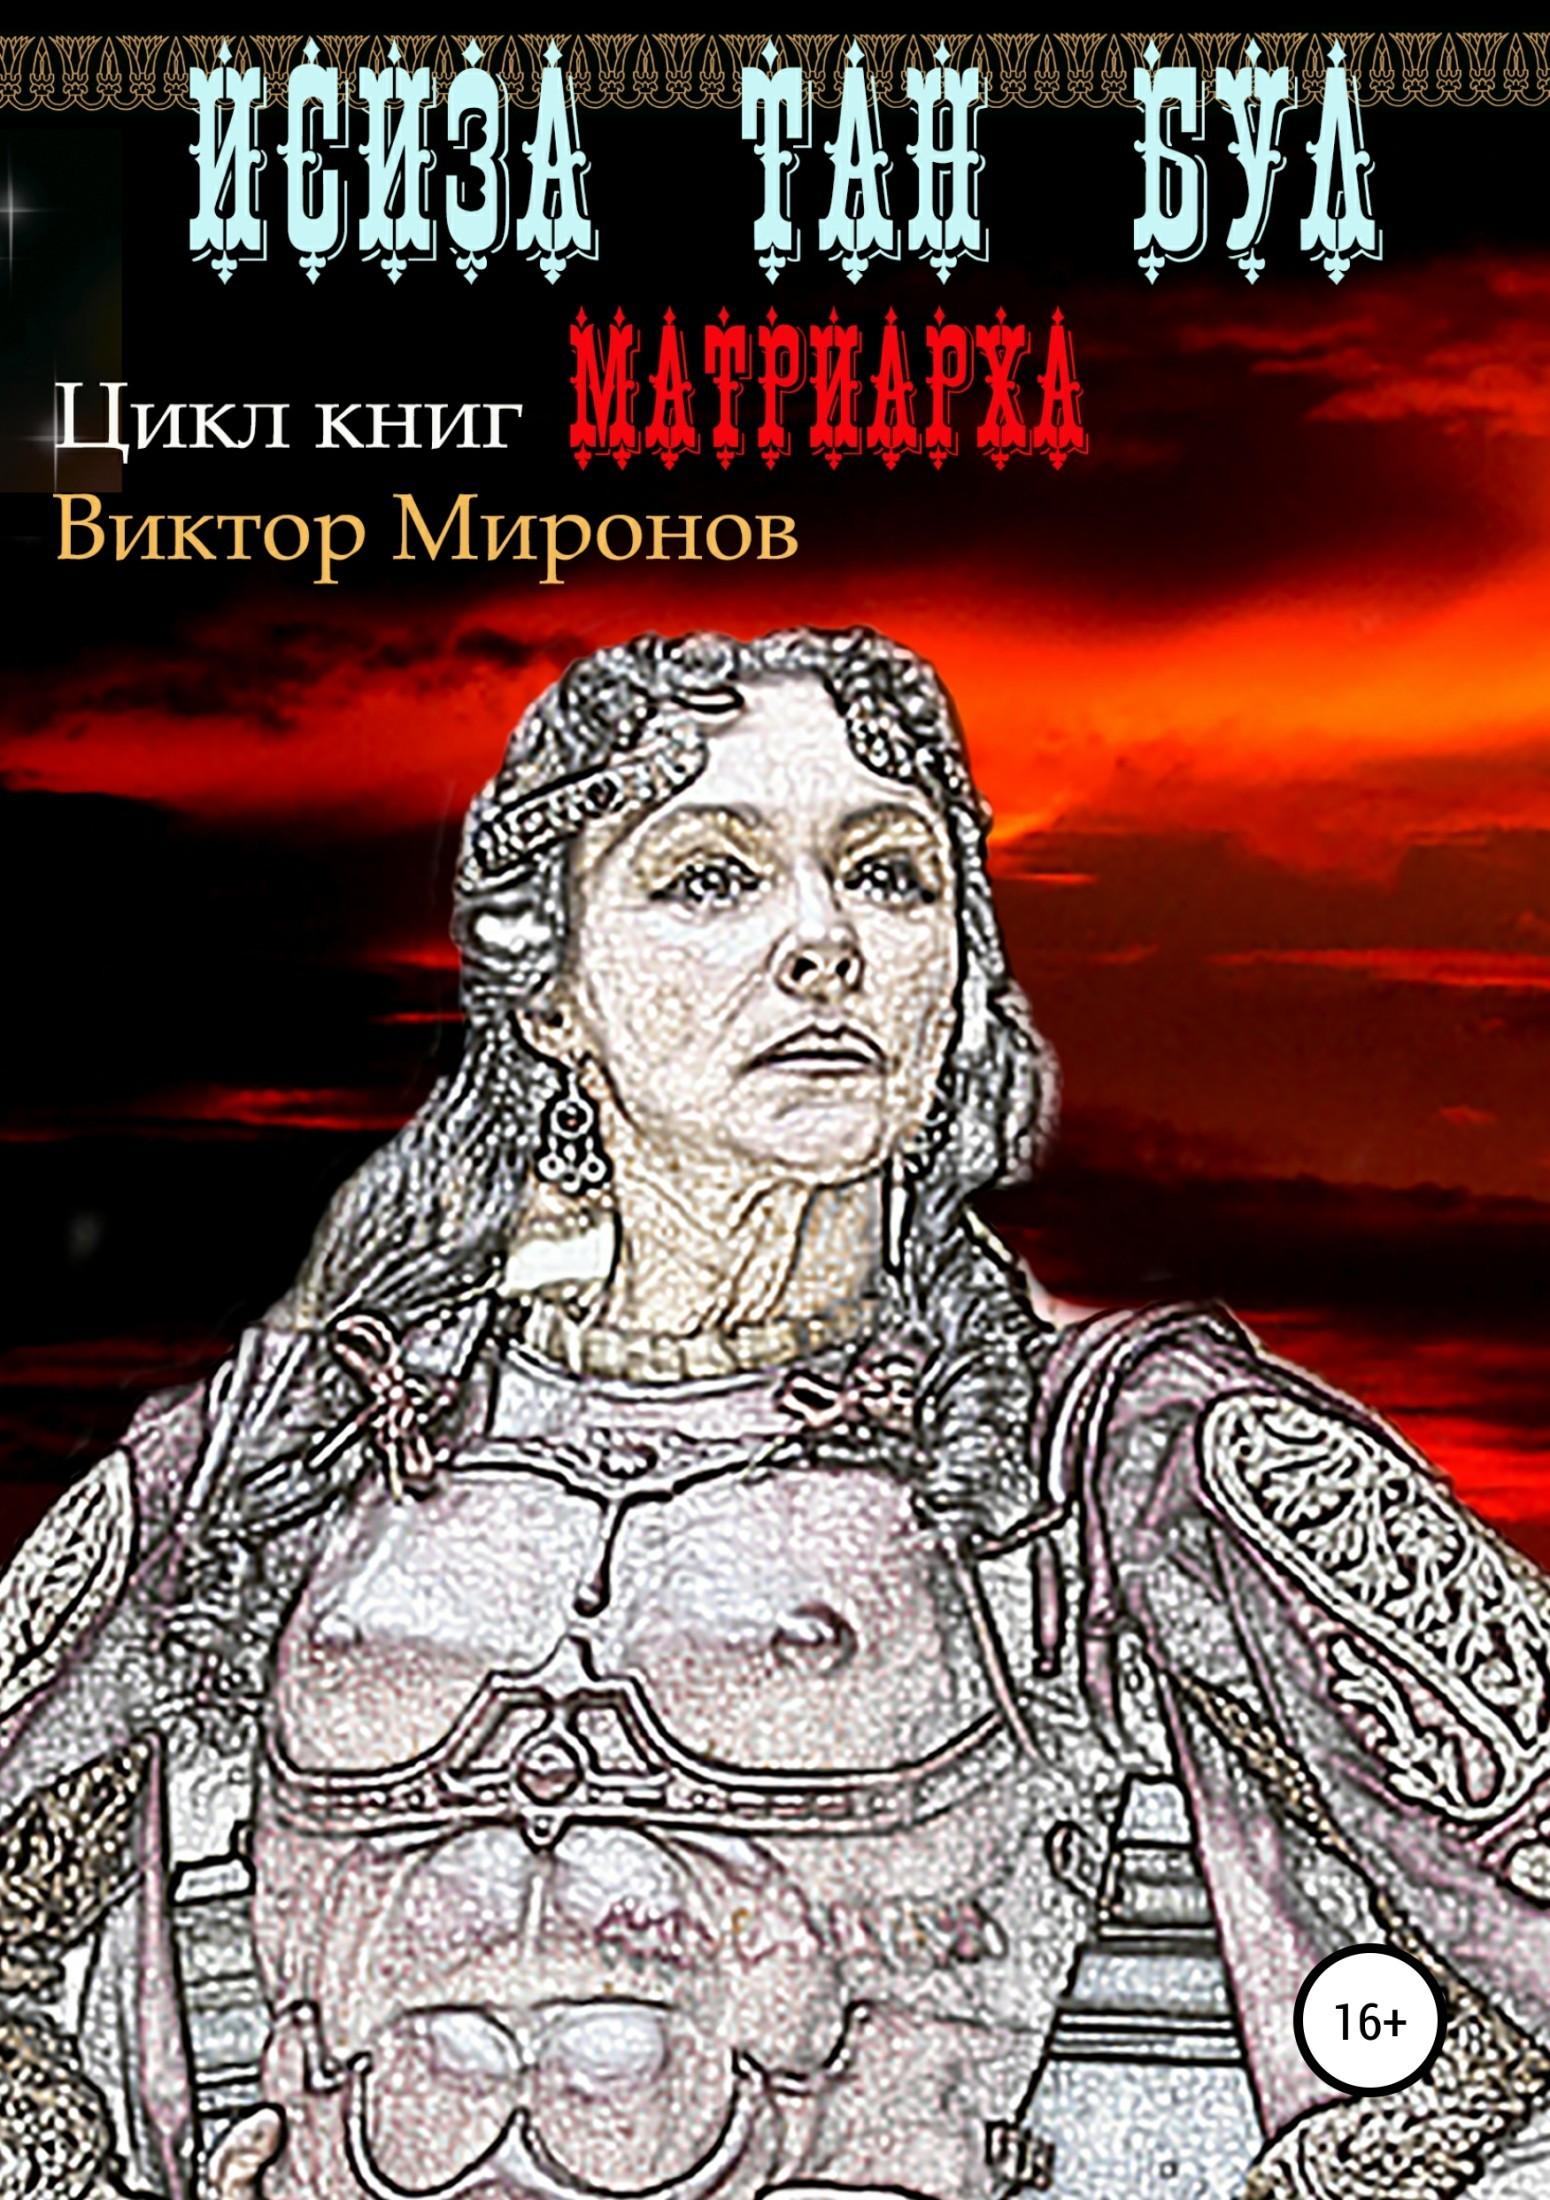 Виктор Миронов - Исиза Тан Бул